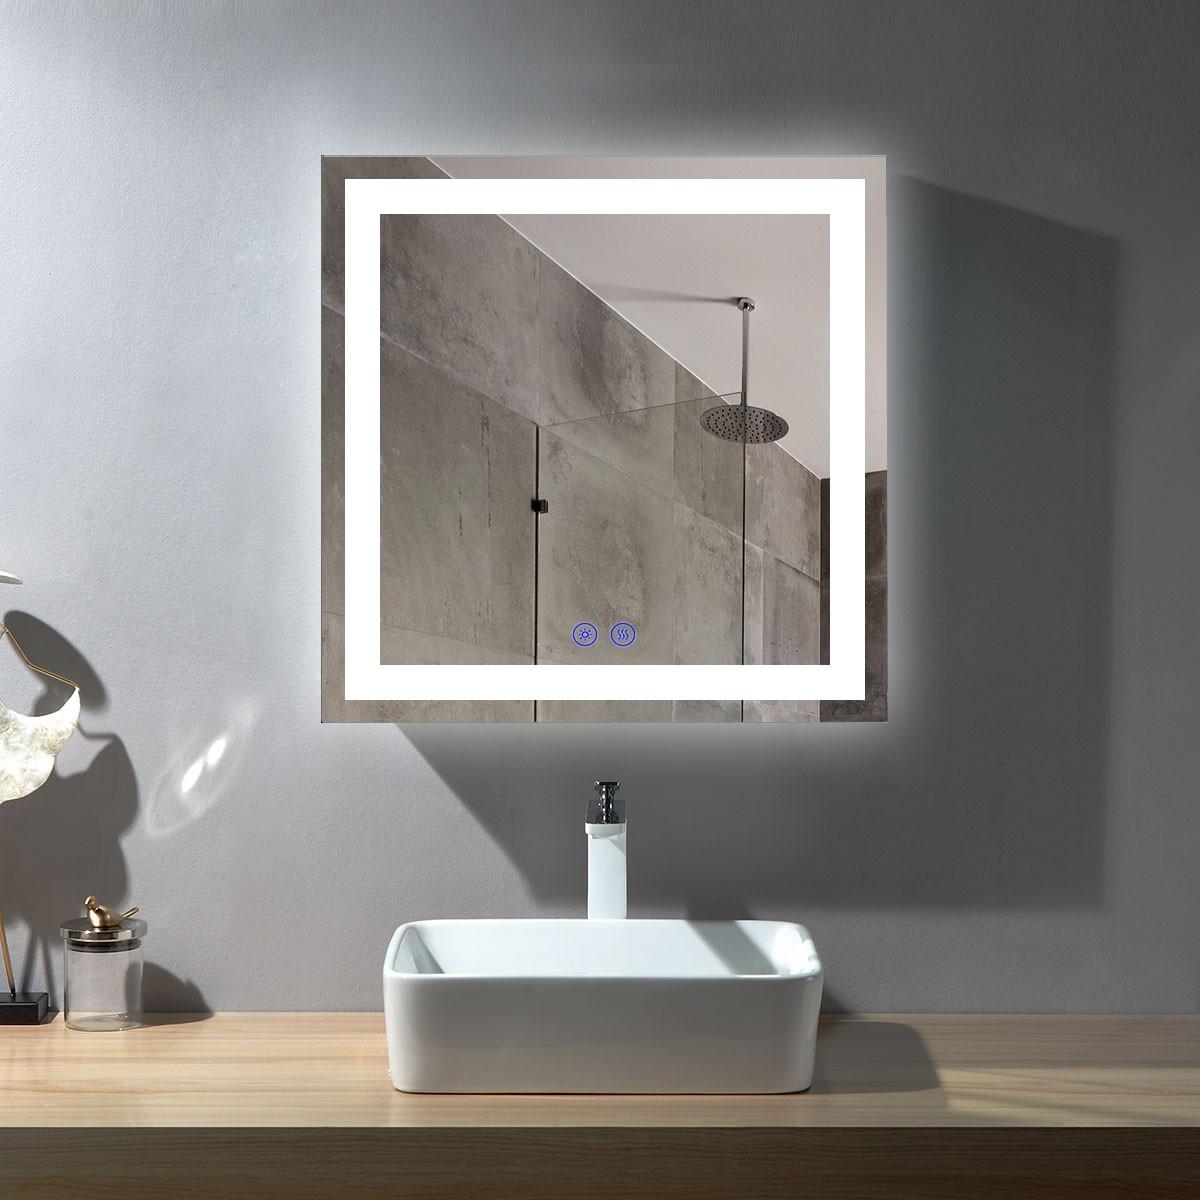 DECORAPORT 36 x 36  Po Miroir de Salle de Bain LED/Miroir Chambre avec Bouton Tactile, Anti-Buée, Luminosité Réglable, Montage Vertical (D212-3636)